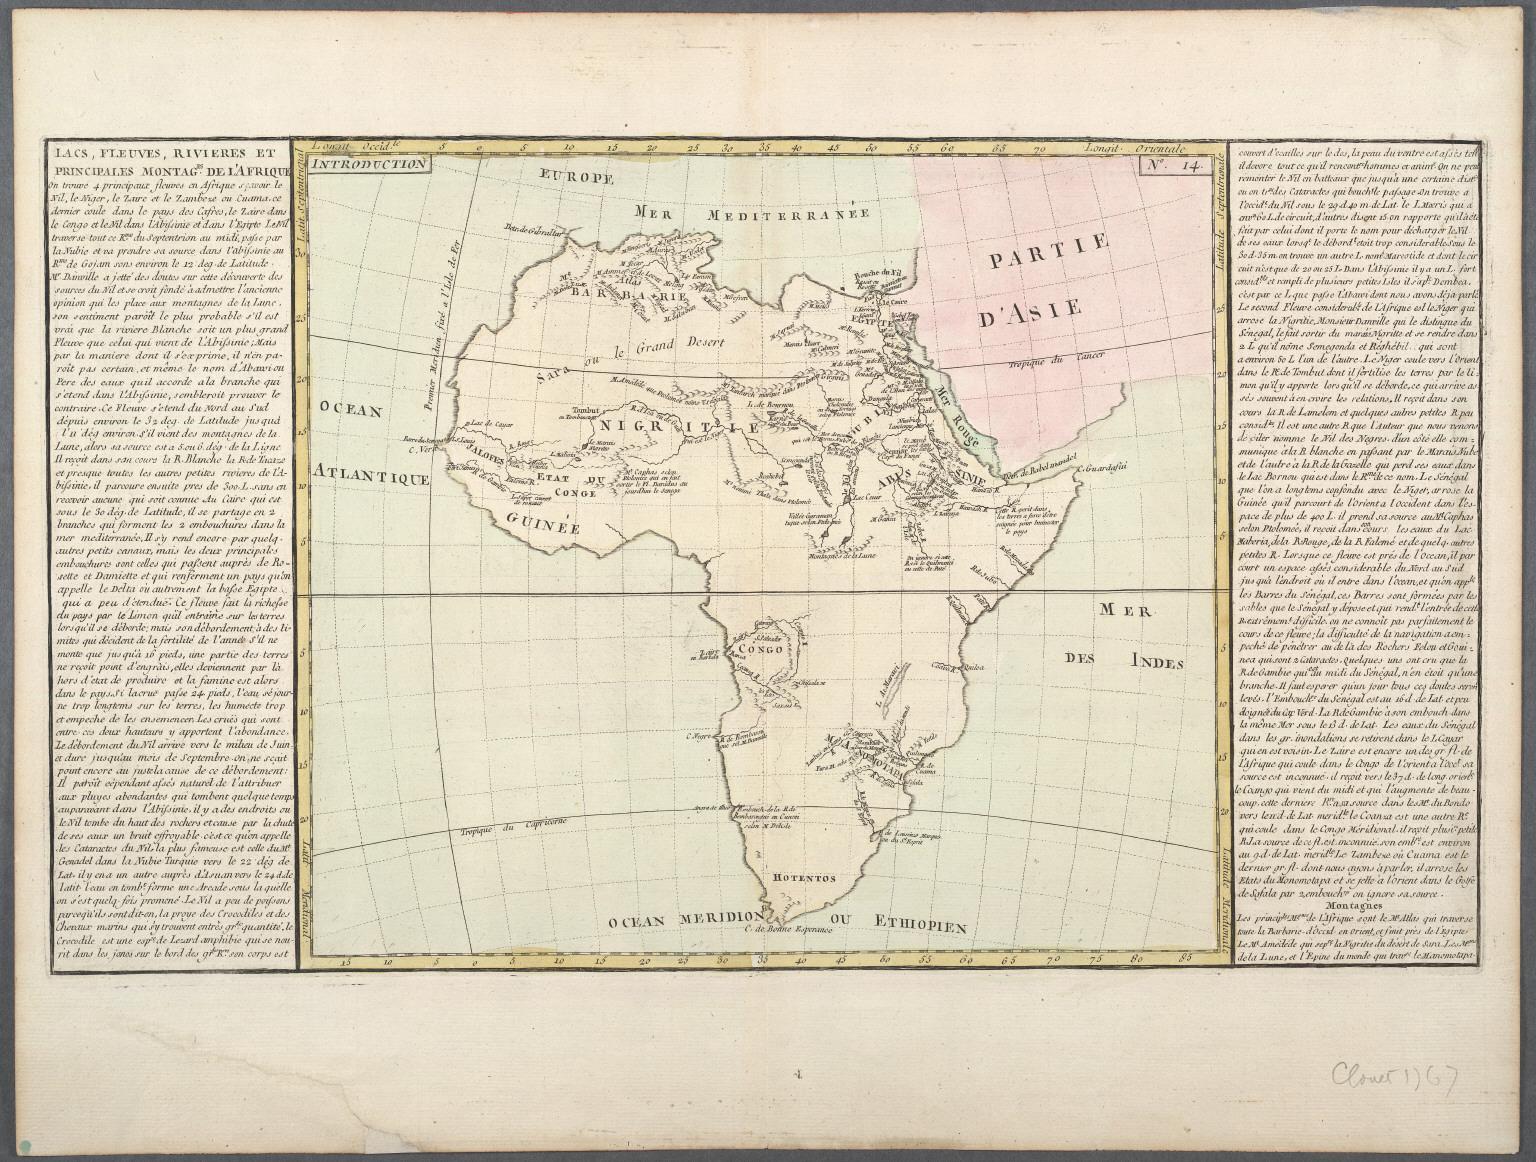 Lacs, Fleuves, Rivieres et Principales Montagnes de L'Afrique.